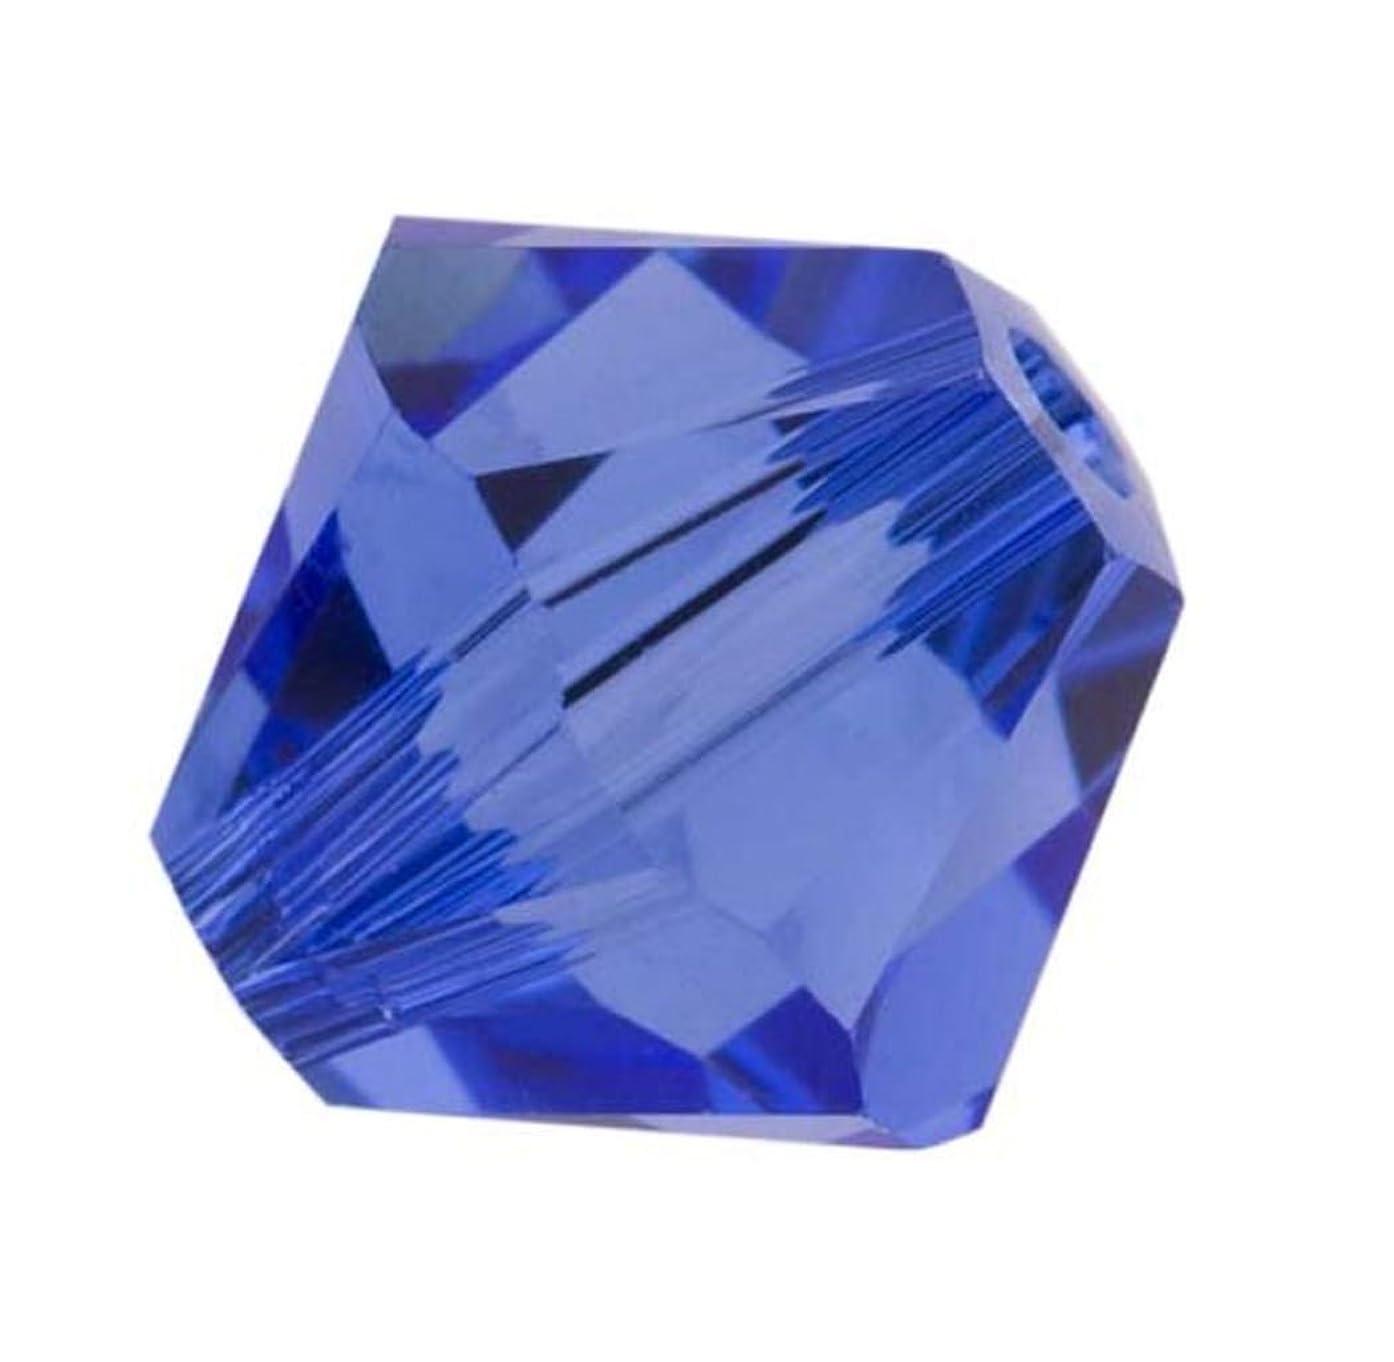 100pcs Genuine Preciosa Bicone Crystal Beads 4mm Sapphire Blue Alternatives For Swarovski #5301/5328 #preb413